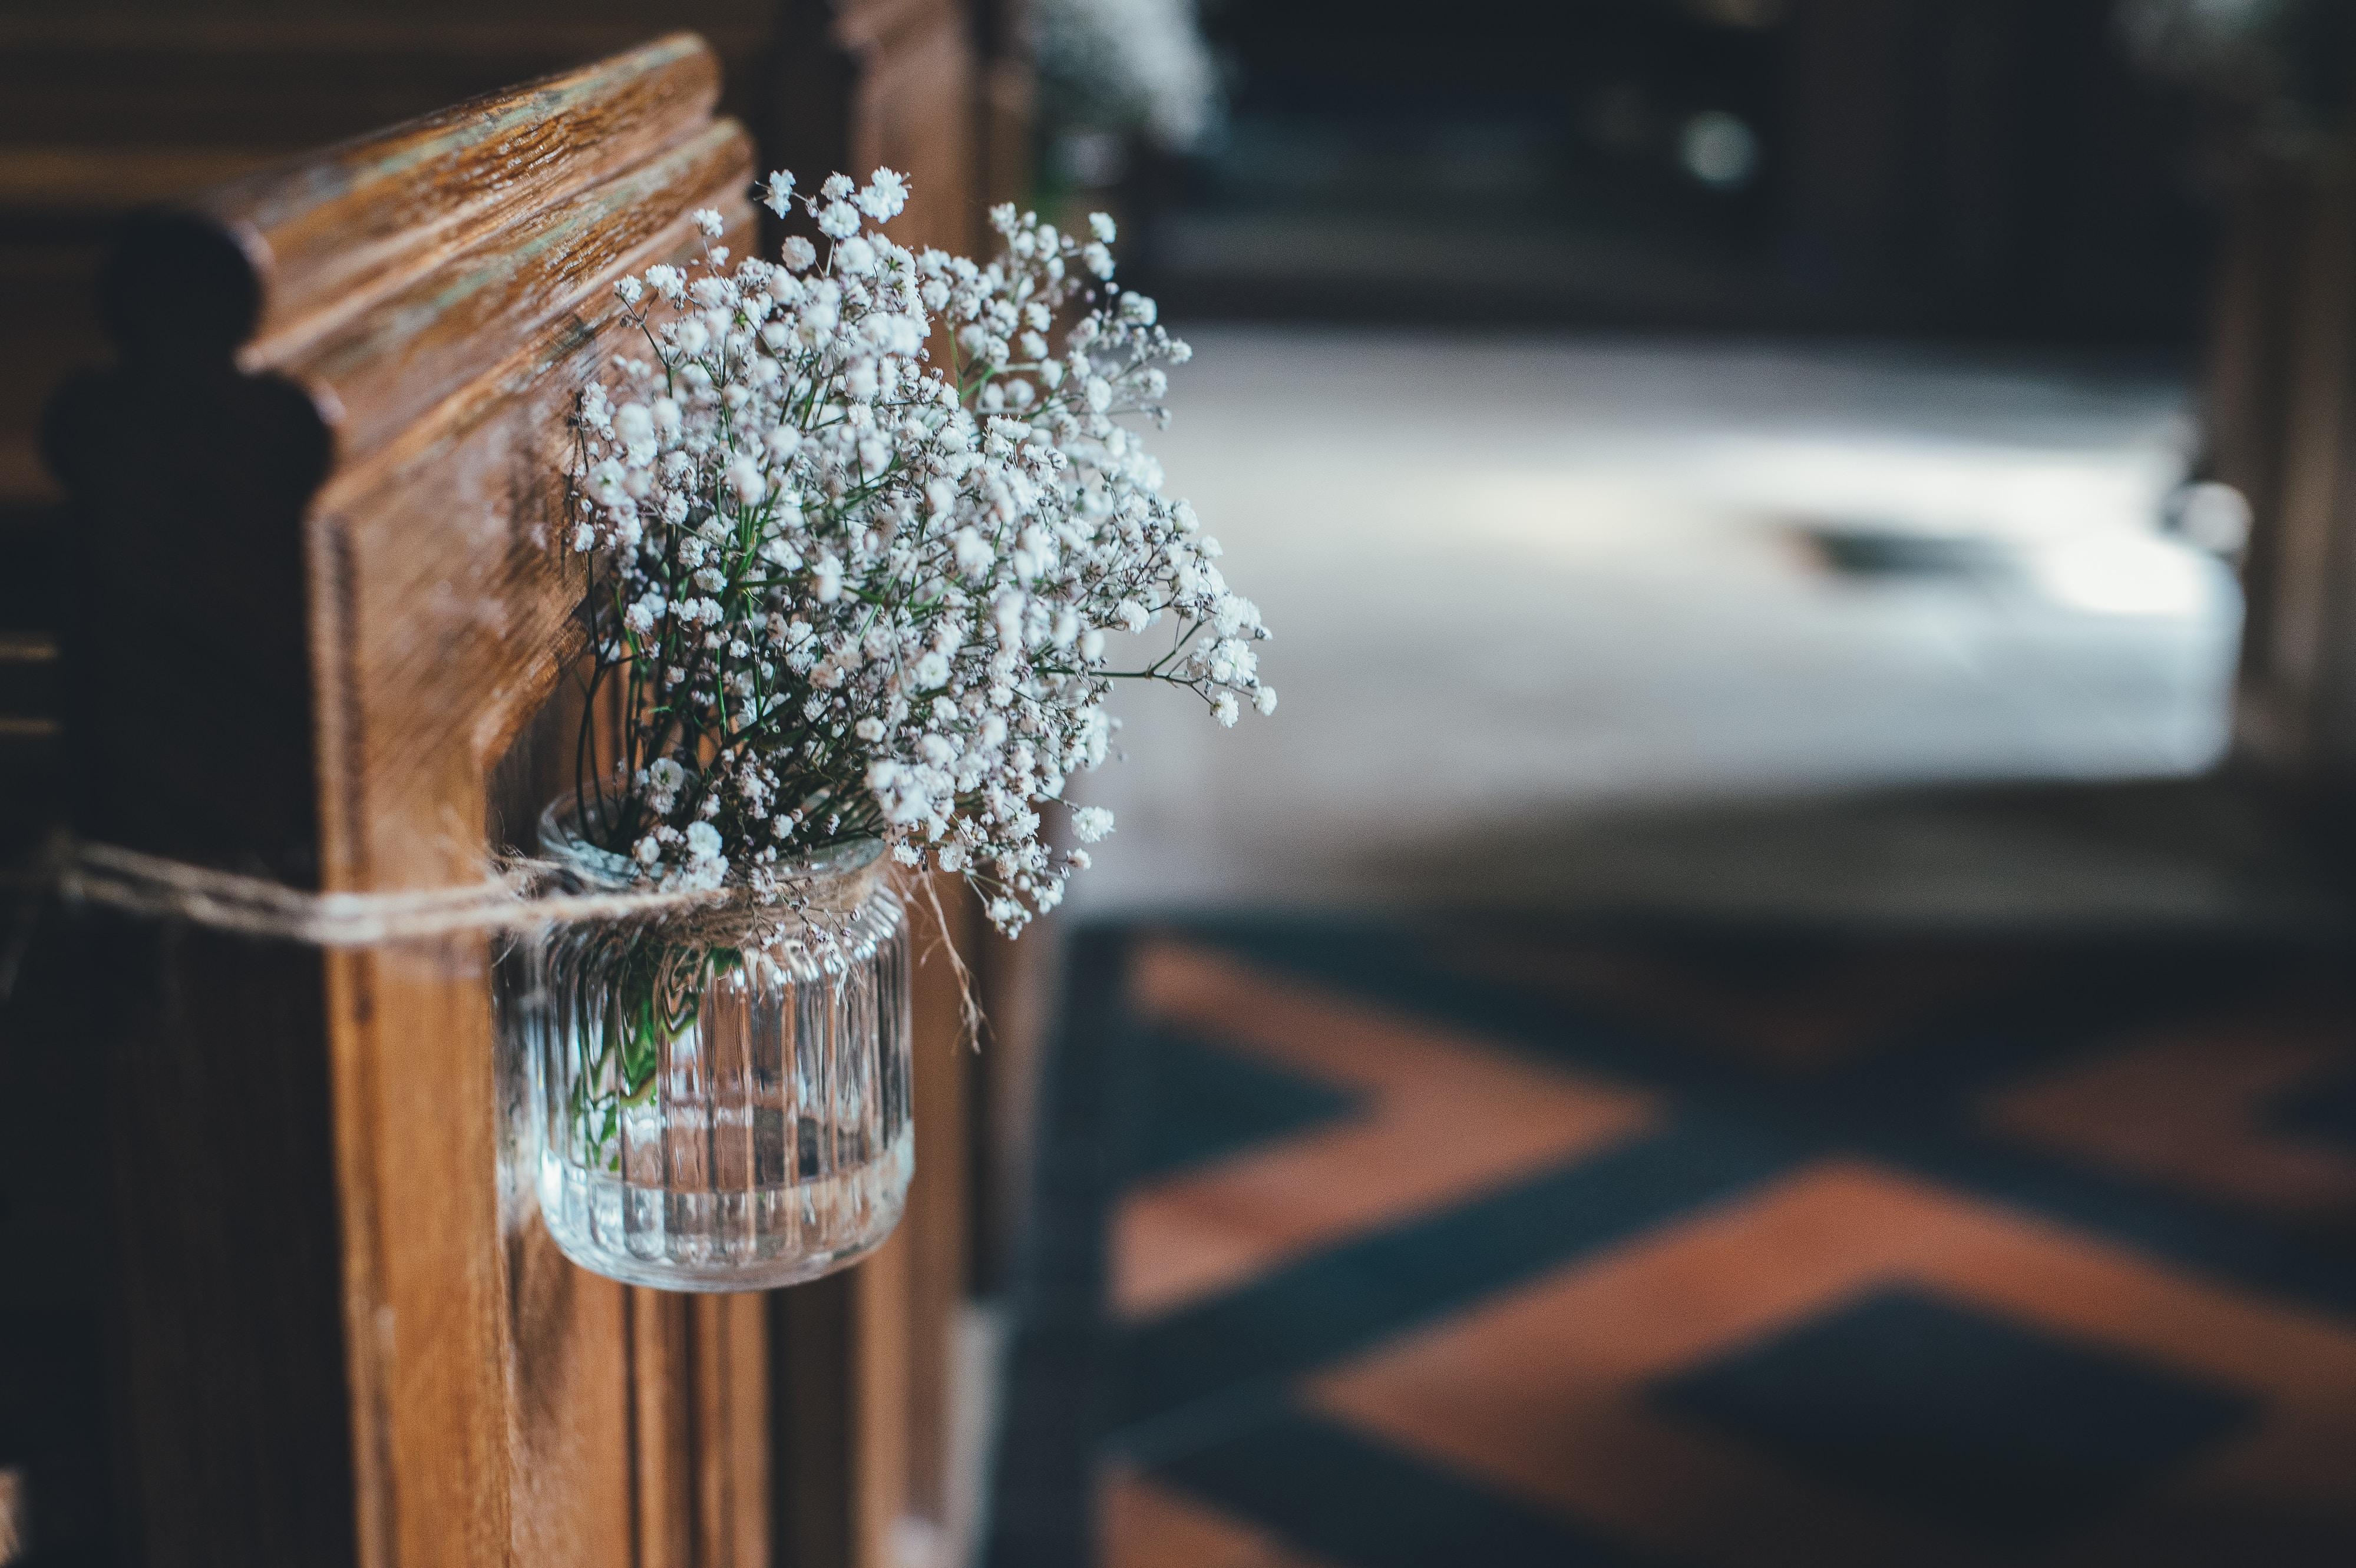 Idee Deco Vase Rond 13 diy wedding ideas for unique centerpieces - mywedding